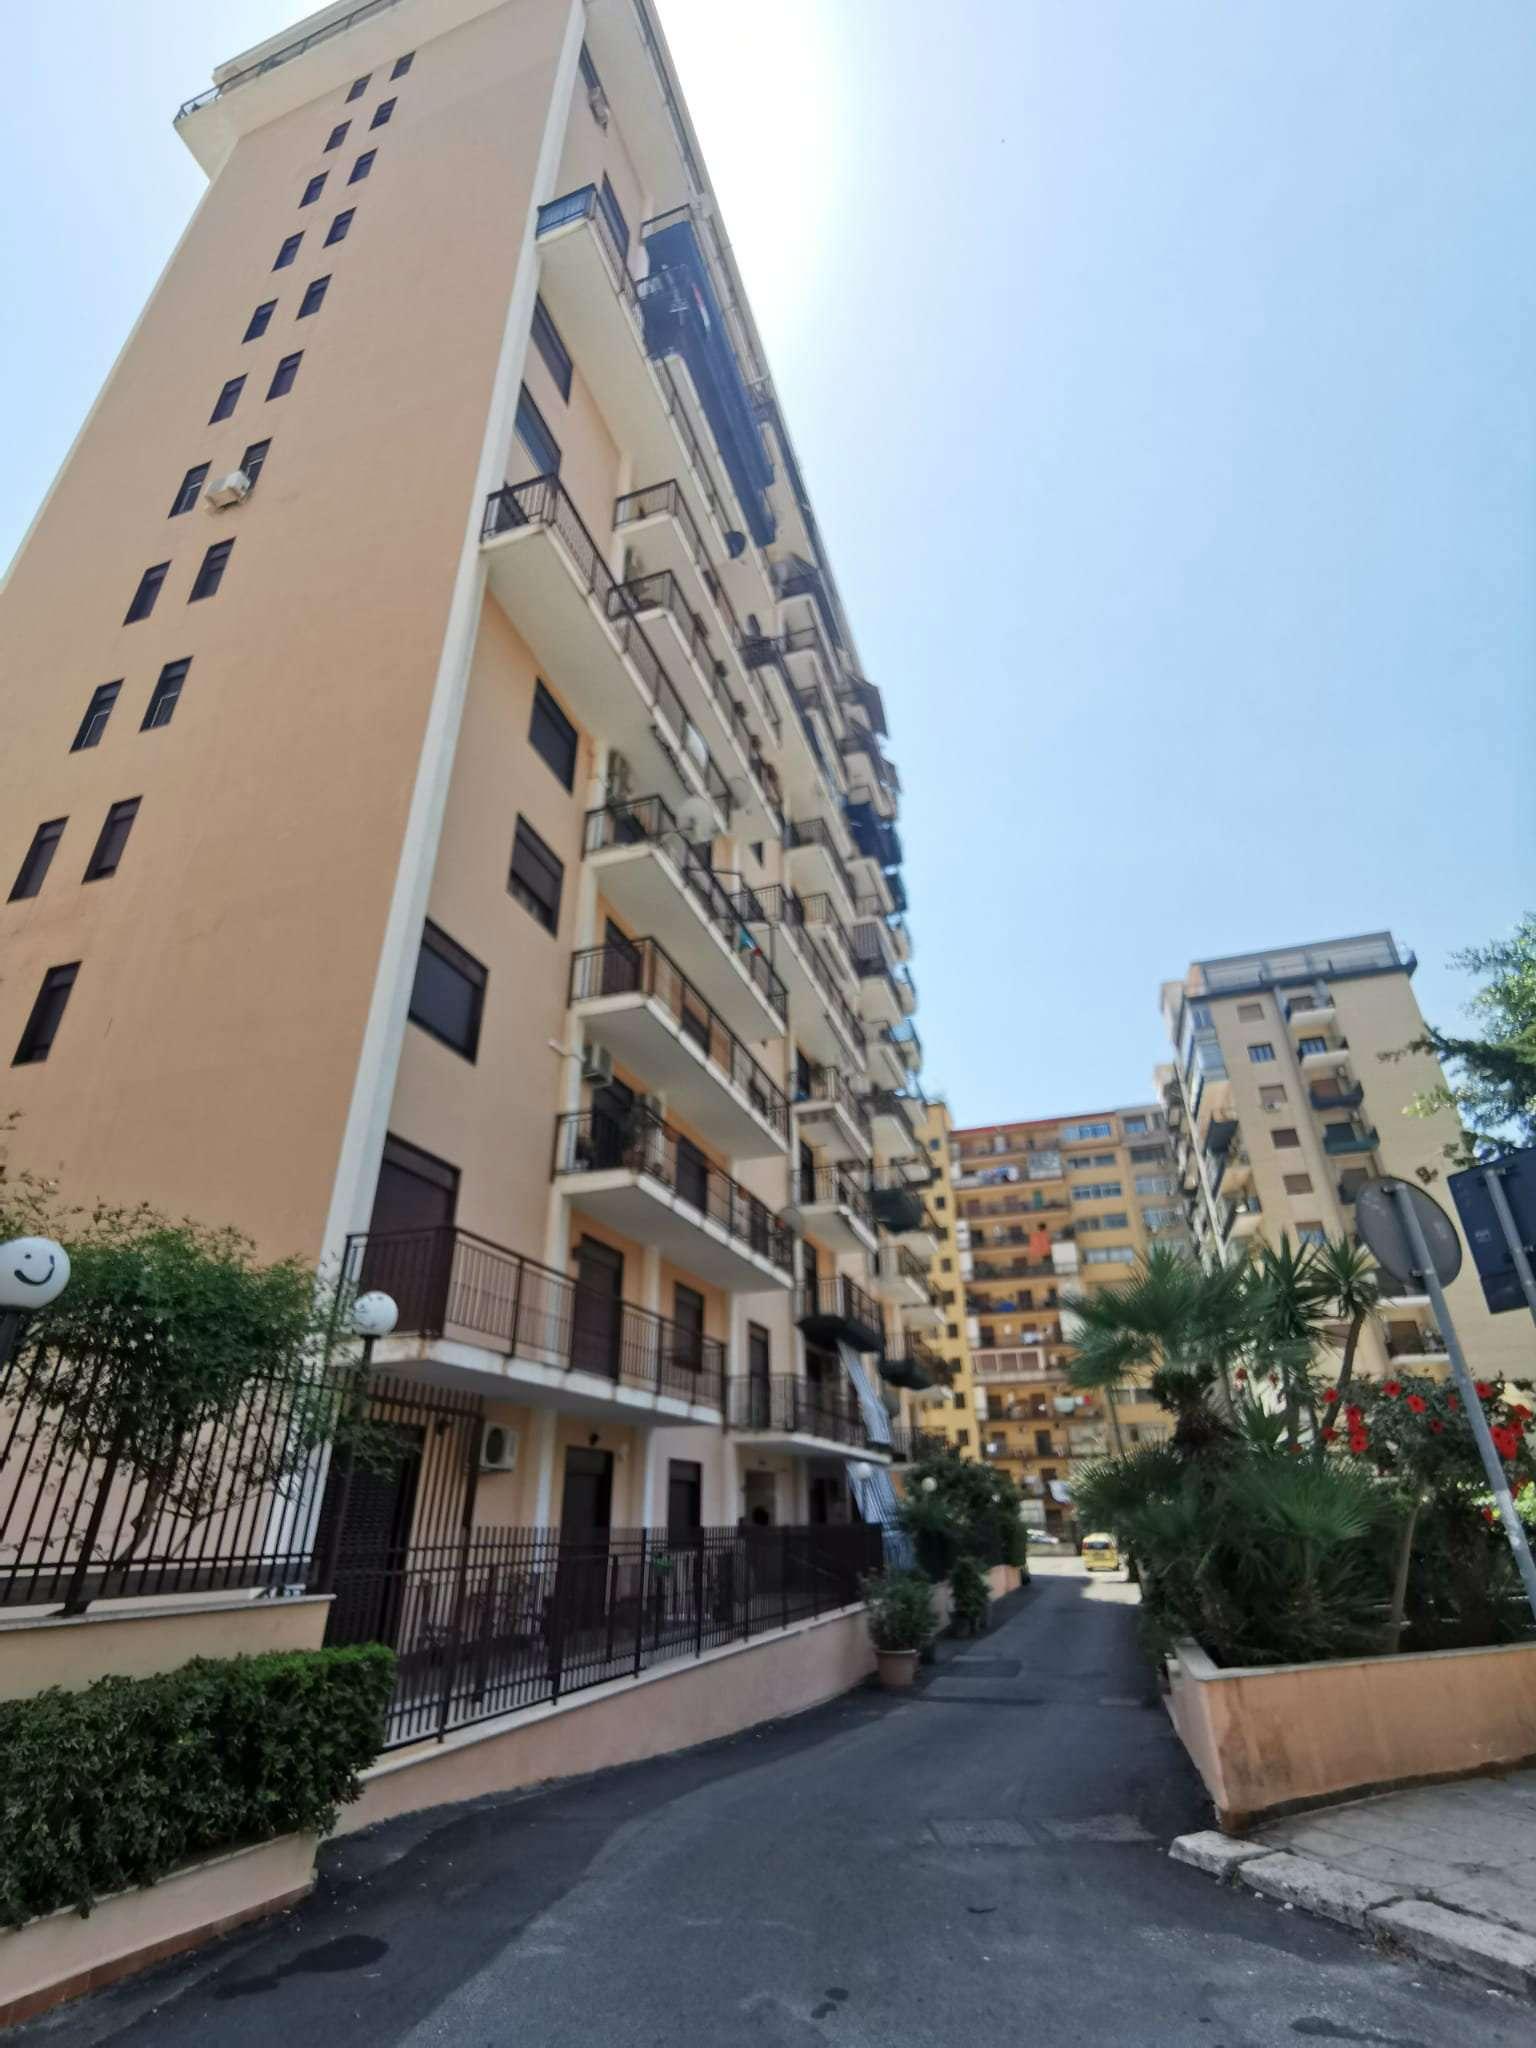 Attico in Affitto a Palermo: 5 locali, 160 mq